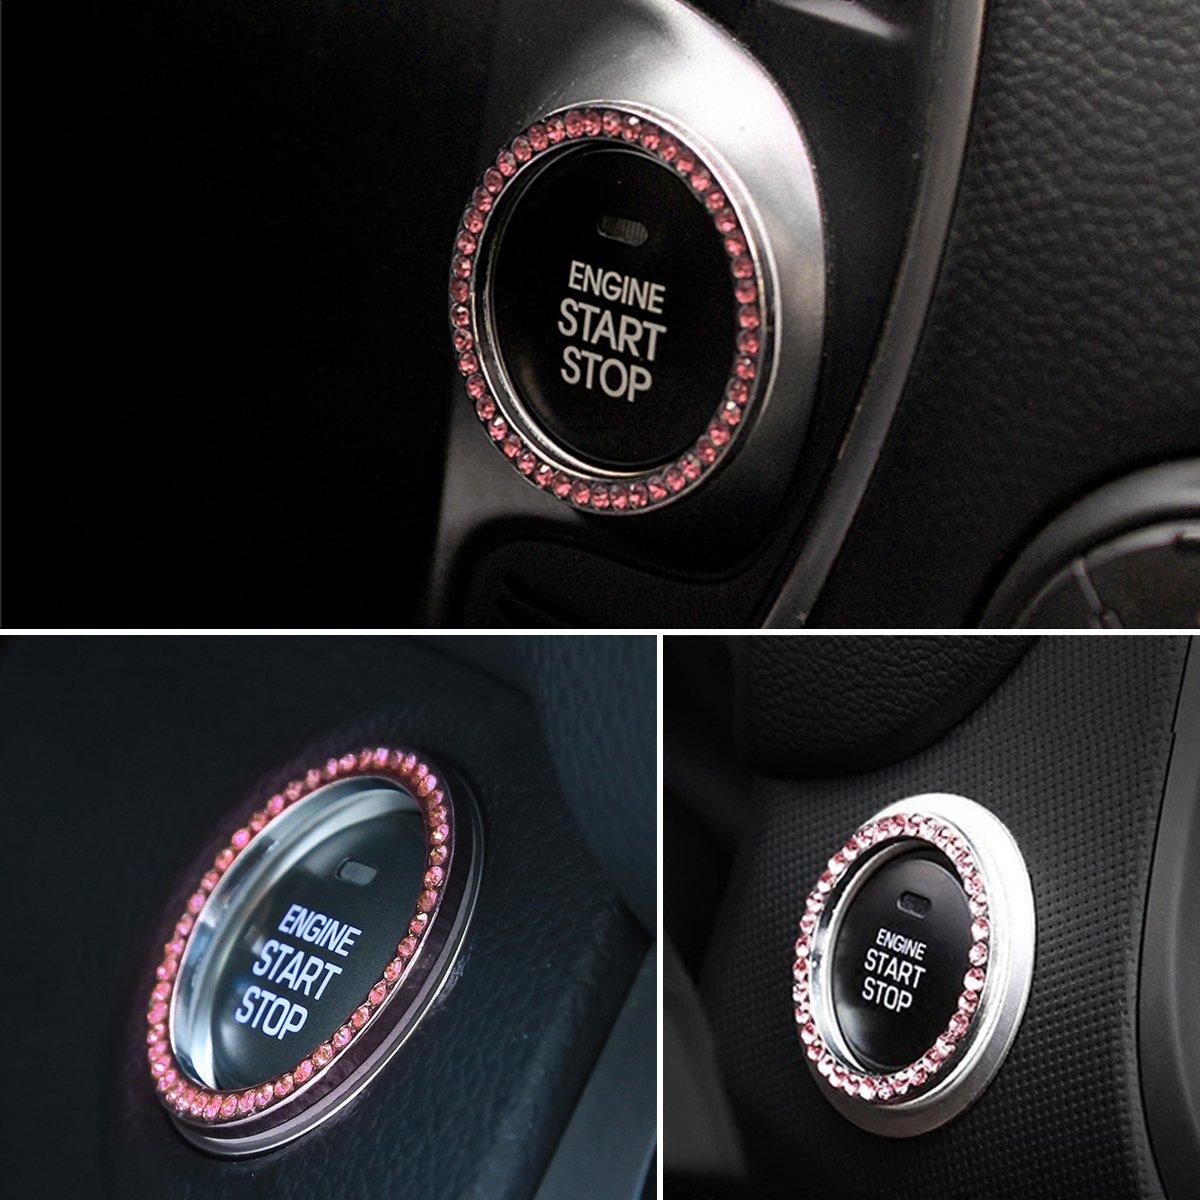 wei/ß WINOMO Auto Motor Start Stop Button Ring Kristall Bling Rhinestone Auto Dekor Zubeh/ör